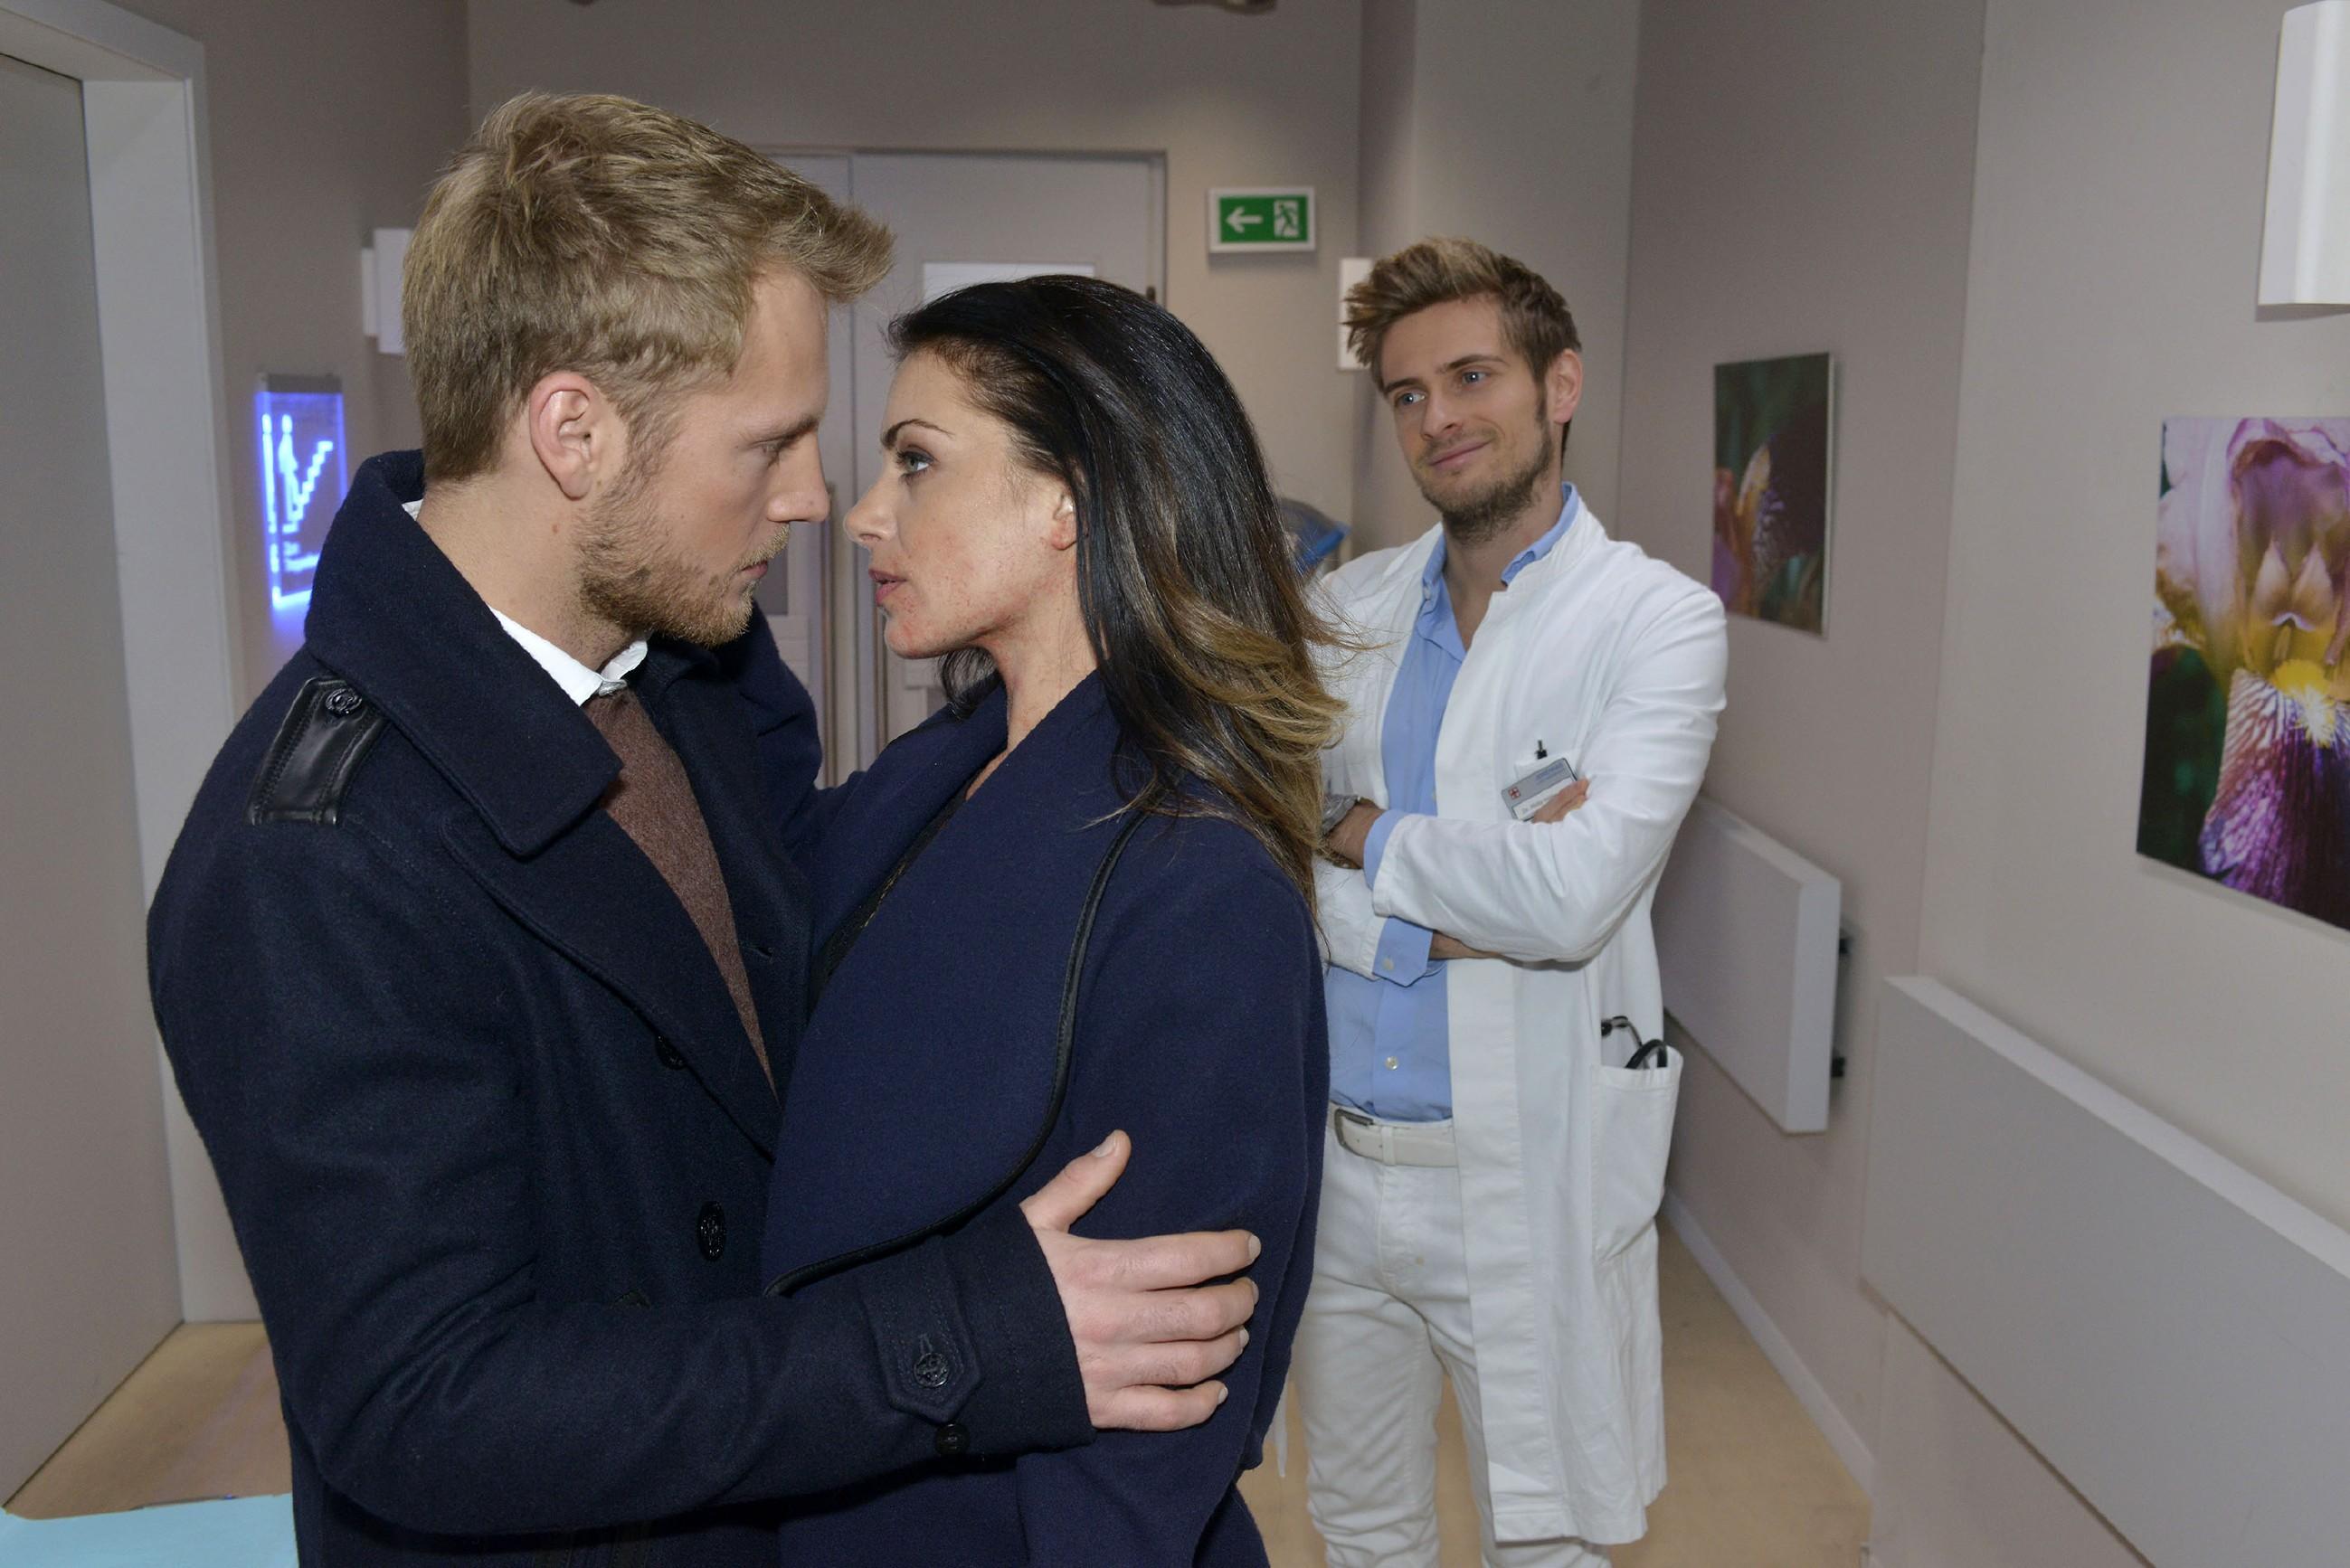 Philip (Jörn Schlönvoigt, r.) beobachtet zufrieden, dass Paul (Niklas Osterloh) und Emily (Anne Menden) endlich zueinander gefunden haben... (Quelle: RTL / Rolf Baumgartner)